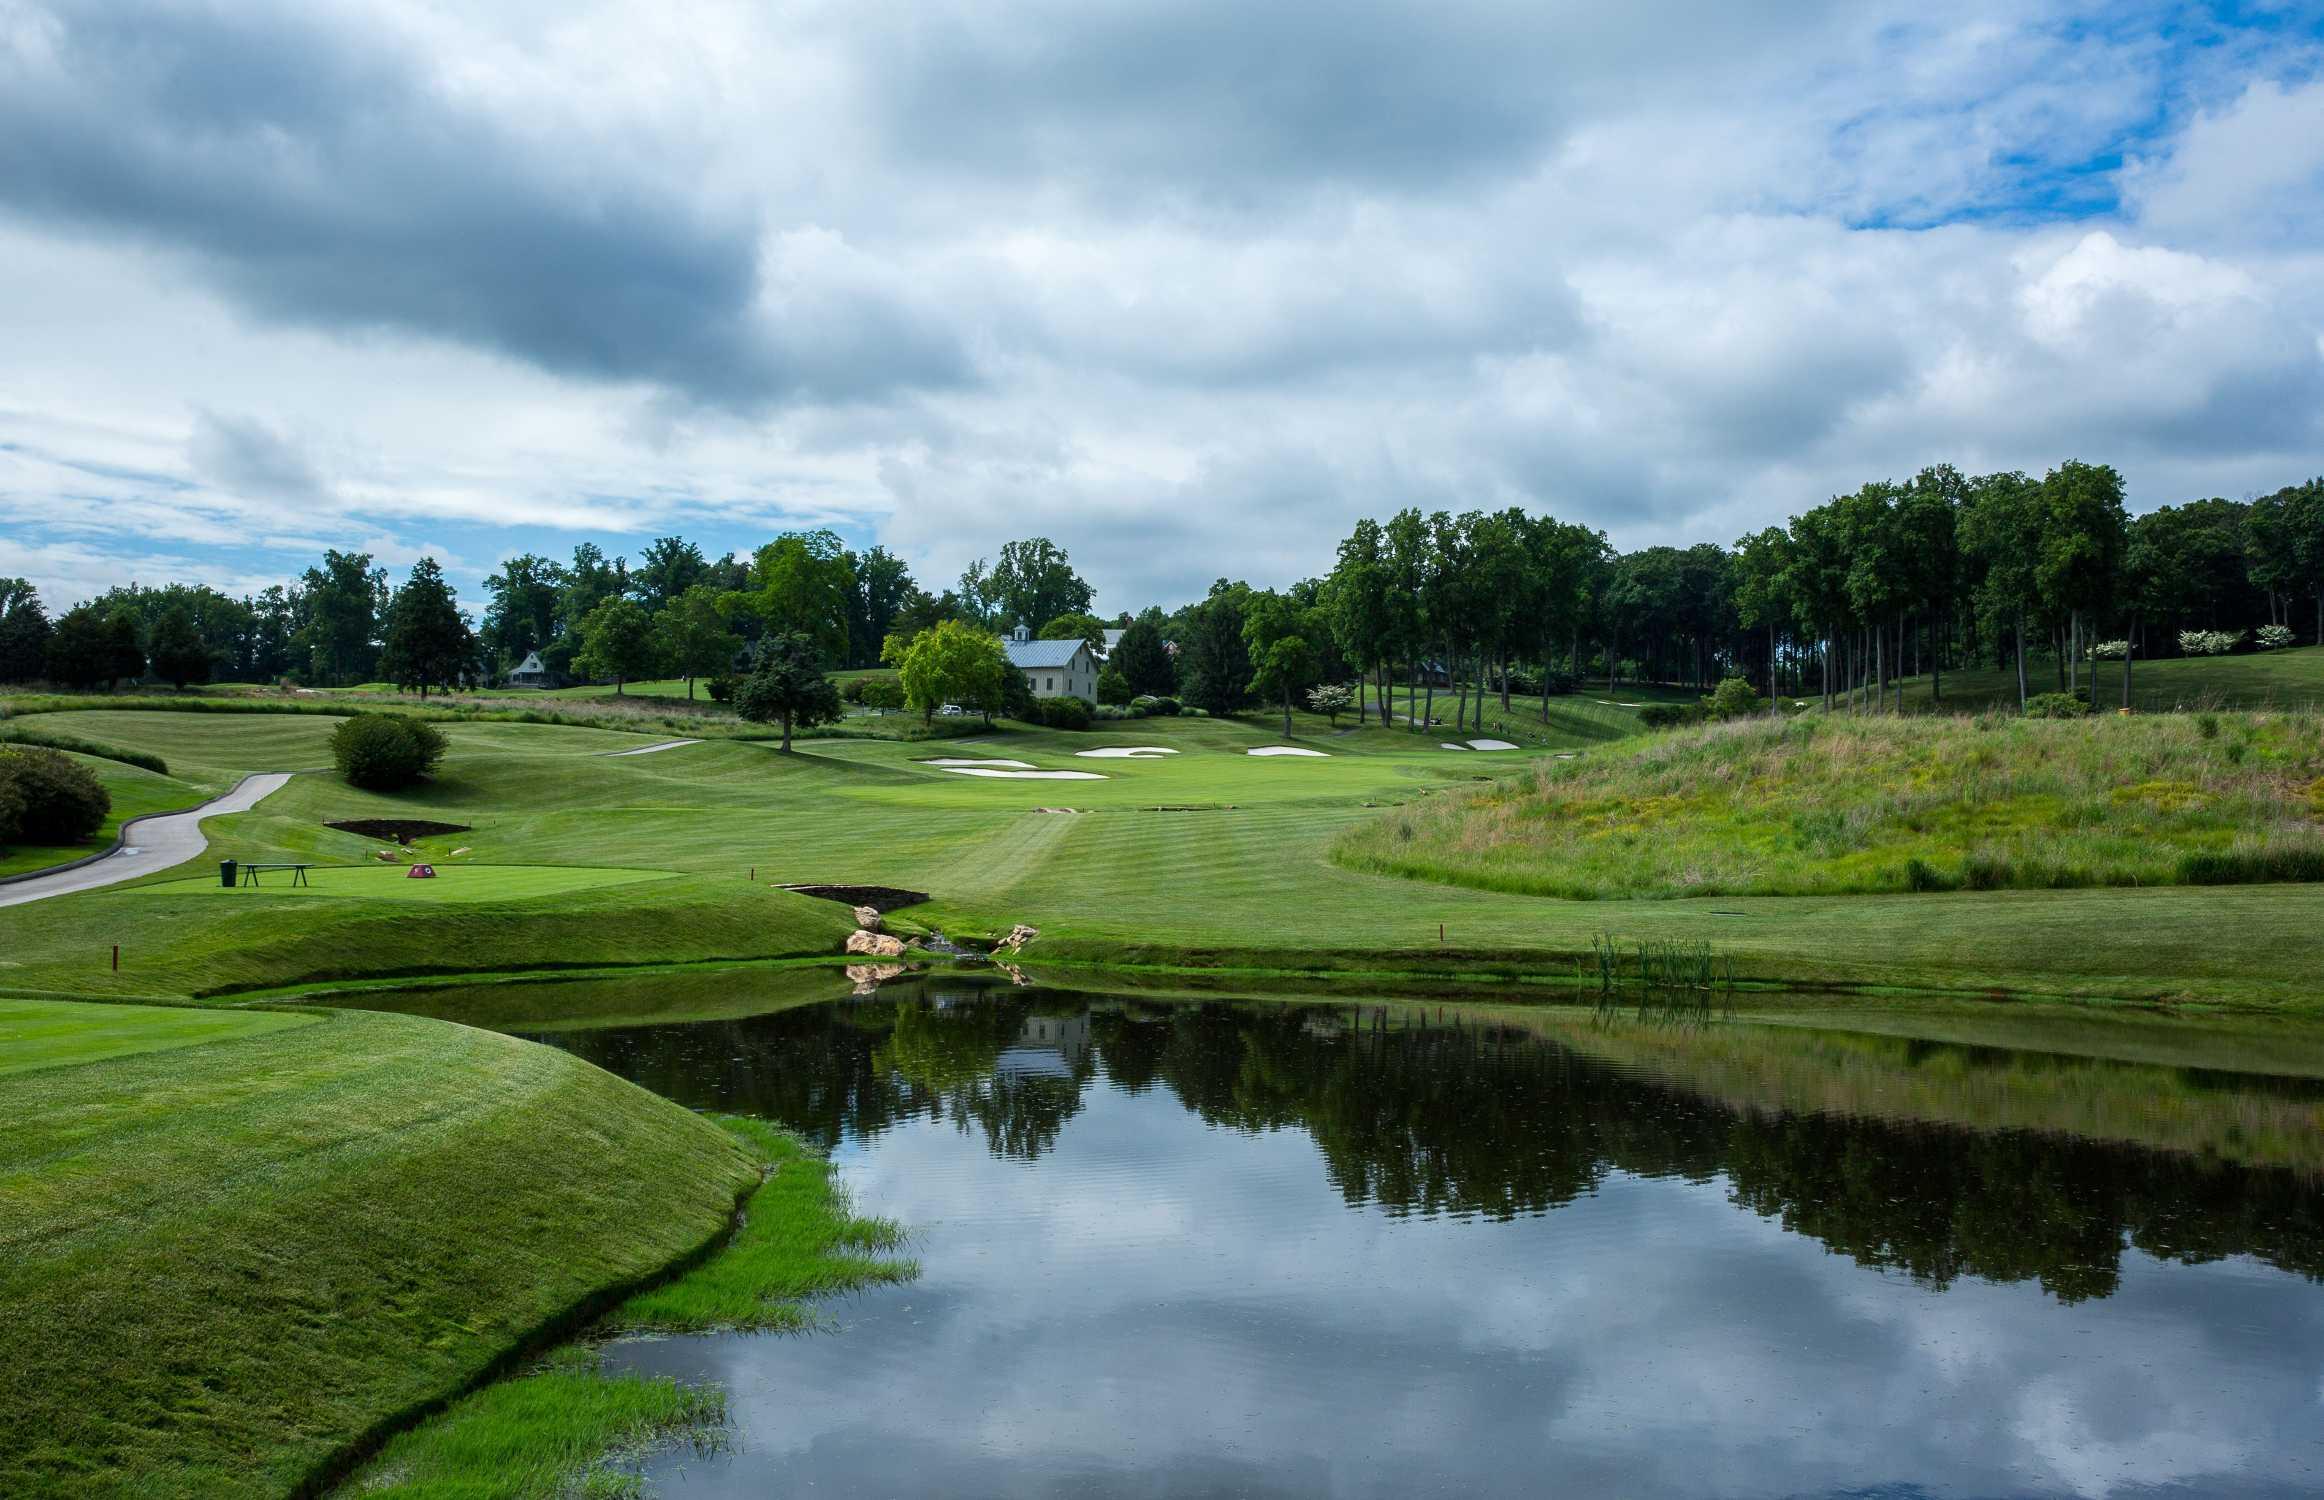 Neugestaltung und Konzept BMW Golf Championship 2021